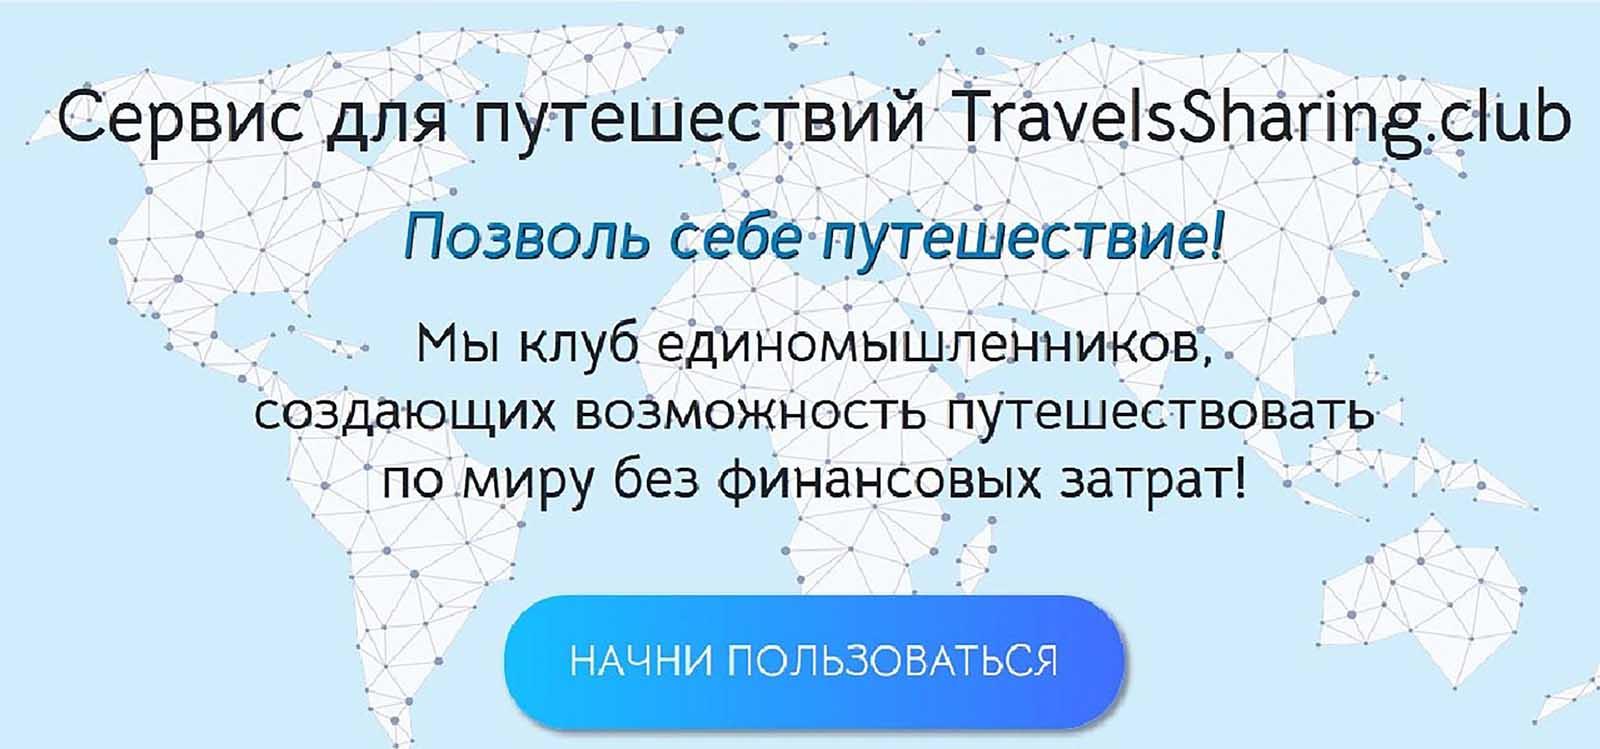 Путешествие без финансовых затрат